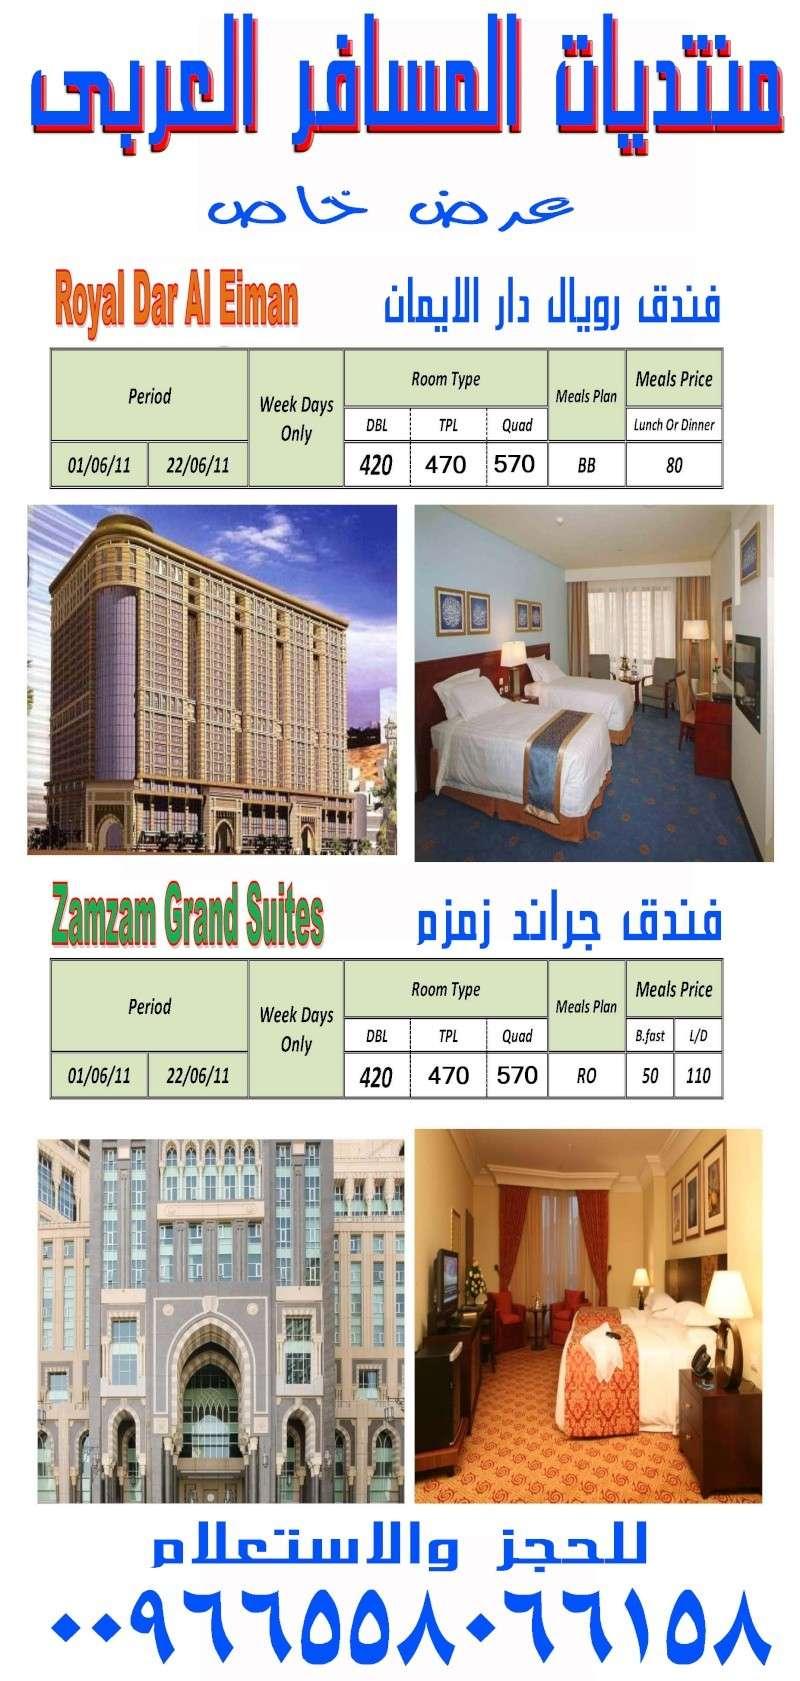 عرض خاص لاسعار حجز فنادق مكة المكرمة لاعضاء المنتدى Makkah hotels Specia11